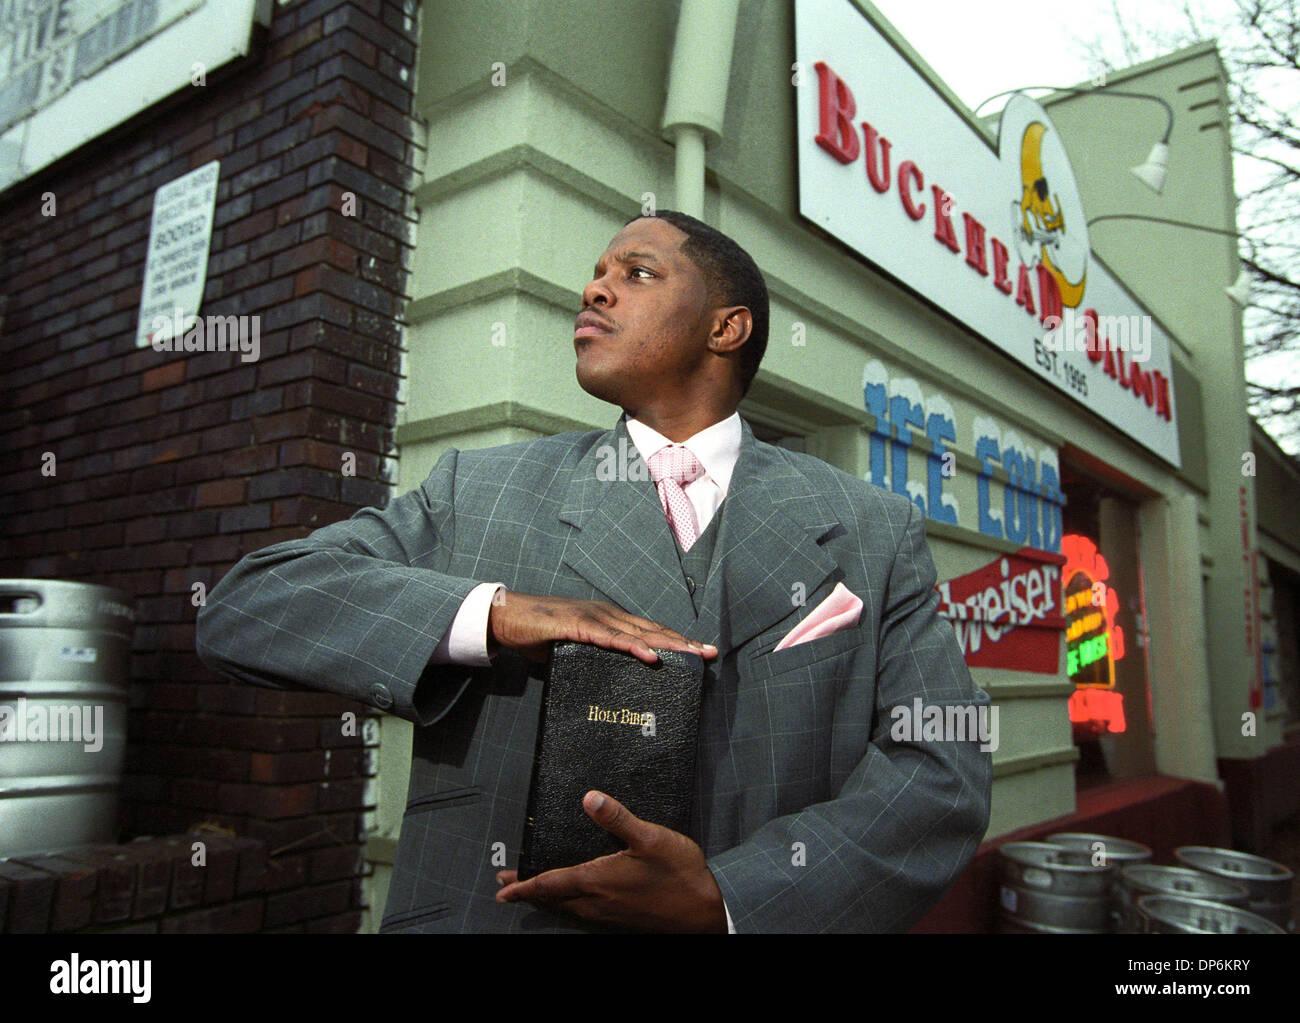 Oct 19, 2006; Atlanta, GA, USA; Former bad boy rap artist ...